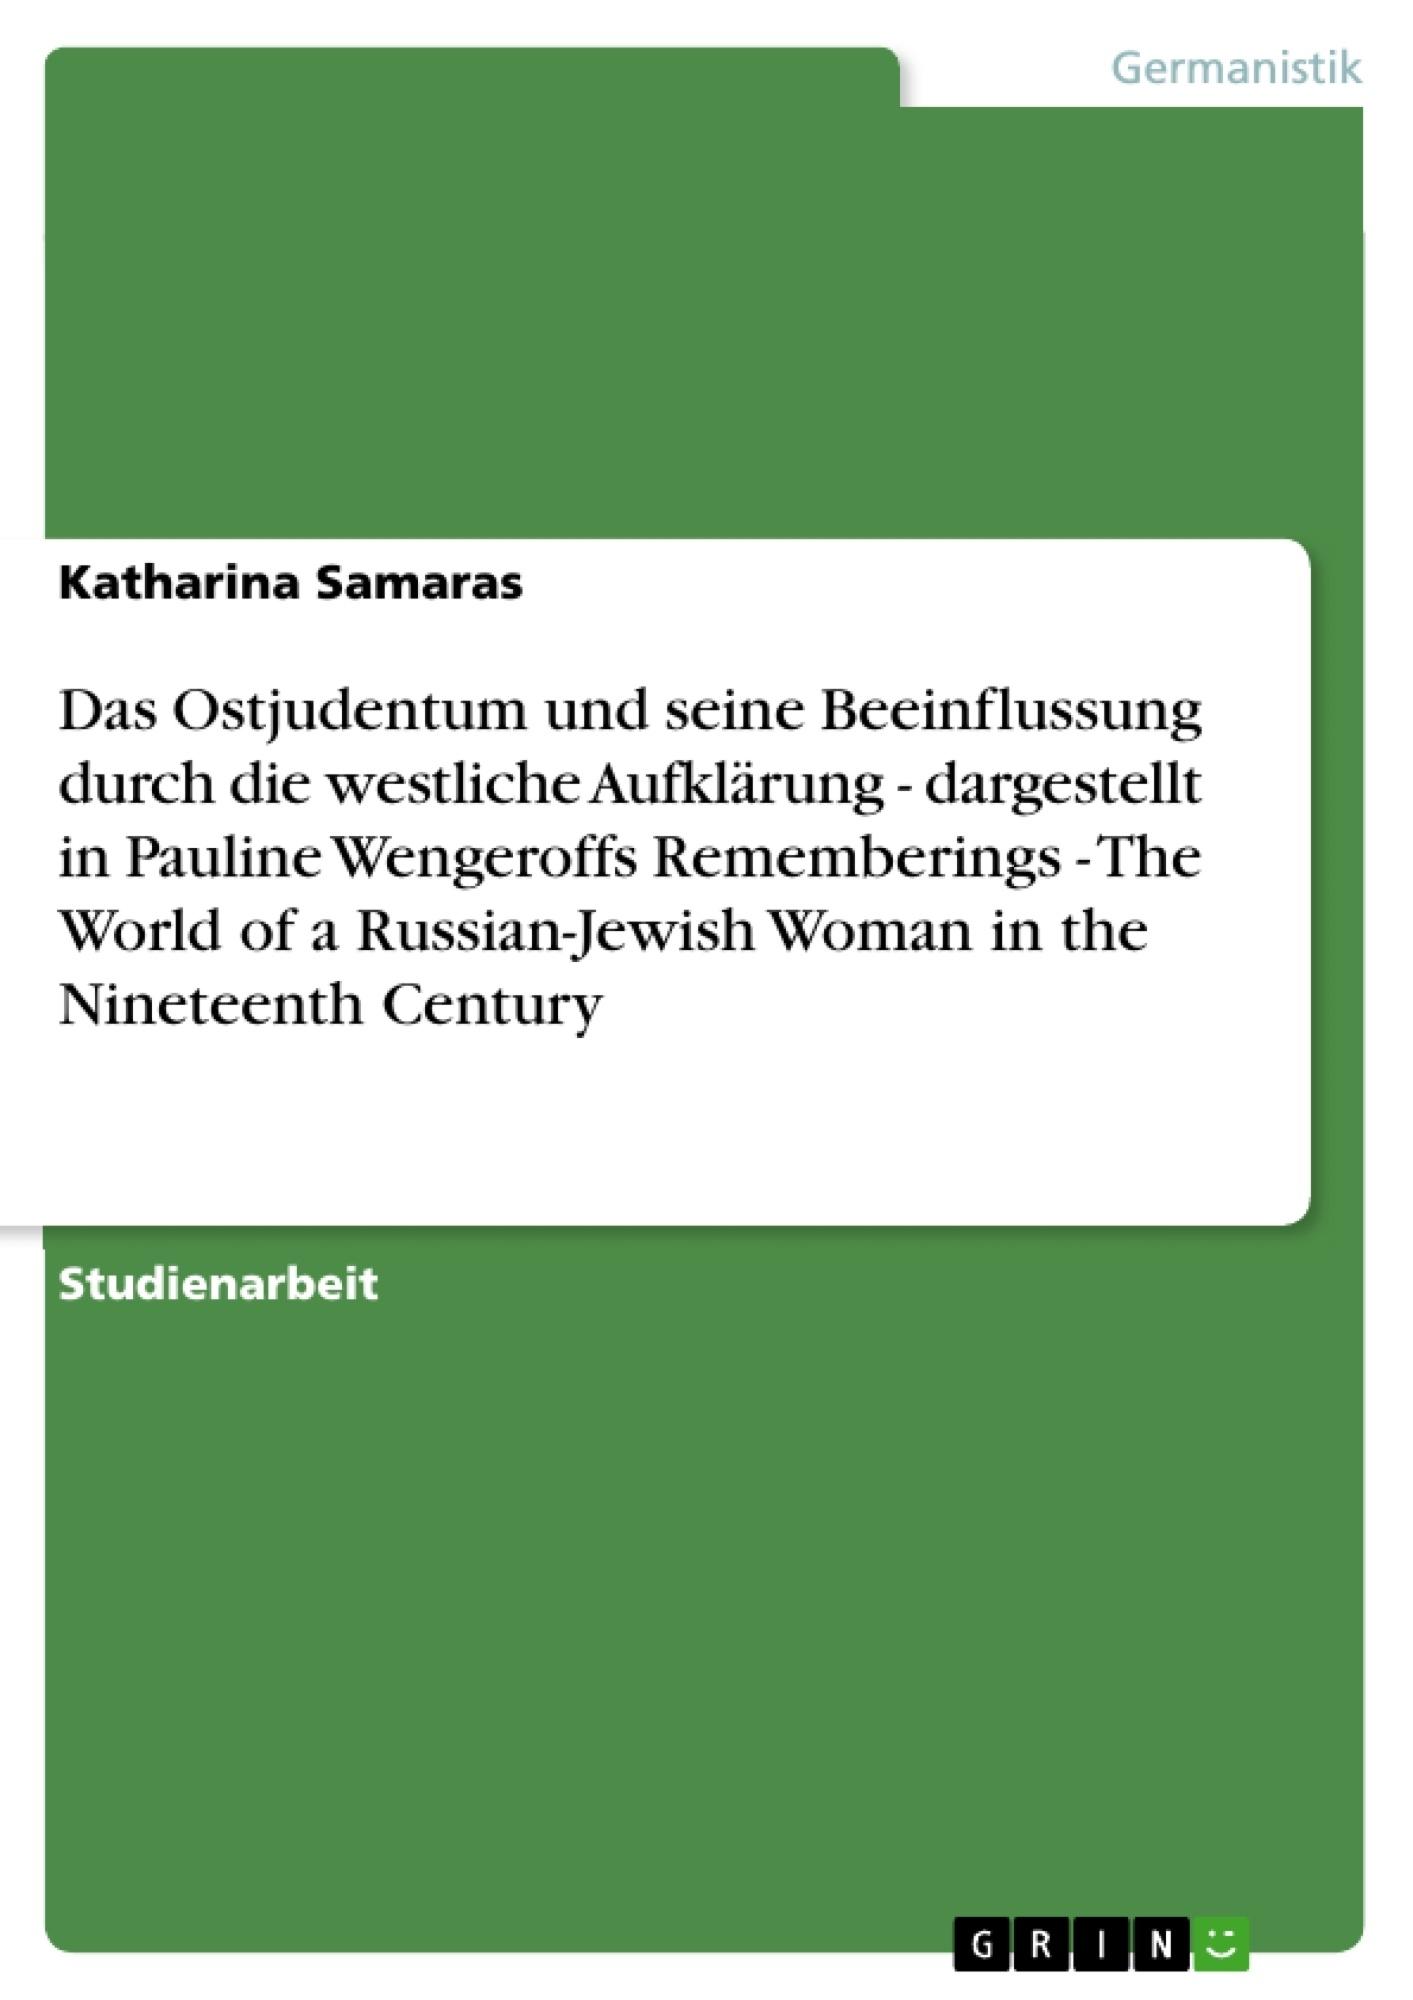 Titel: Das Ostjudentum und seine Beeinflussung durch die westliche Aufklärung - dargestellt in Pauline Wengeroffs Rememberings - The World of a Russian-Jewish Woman in the Nineteenth Century